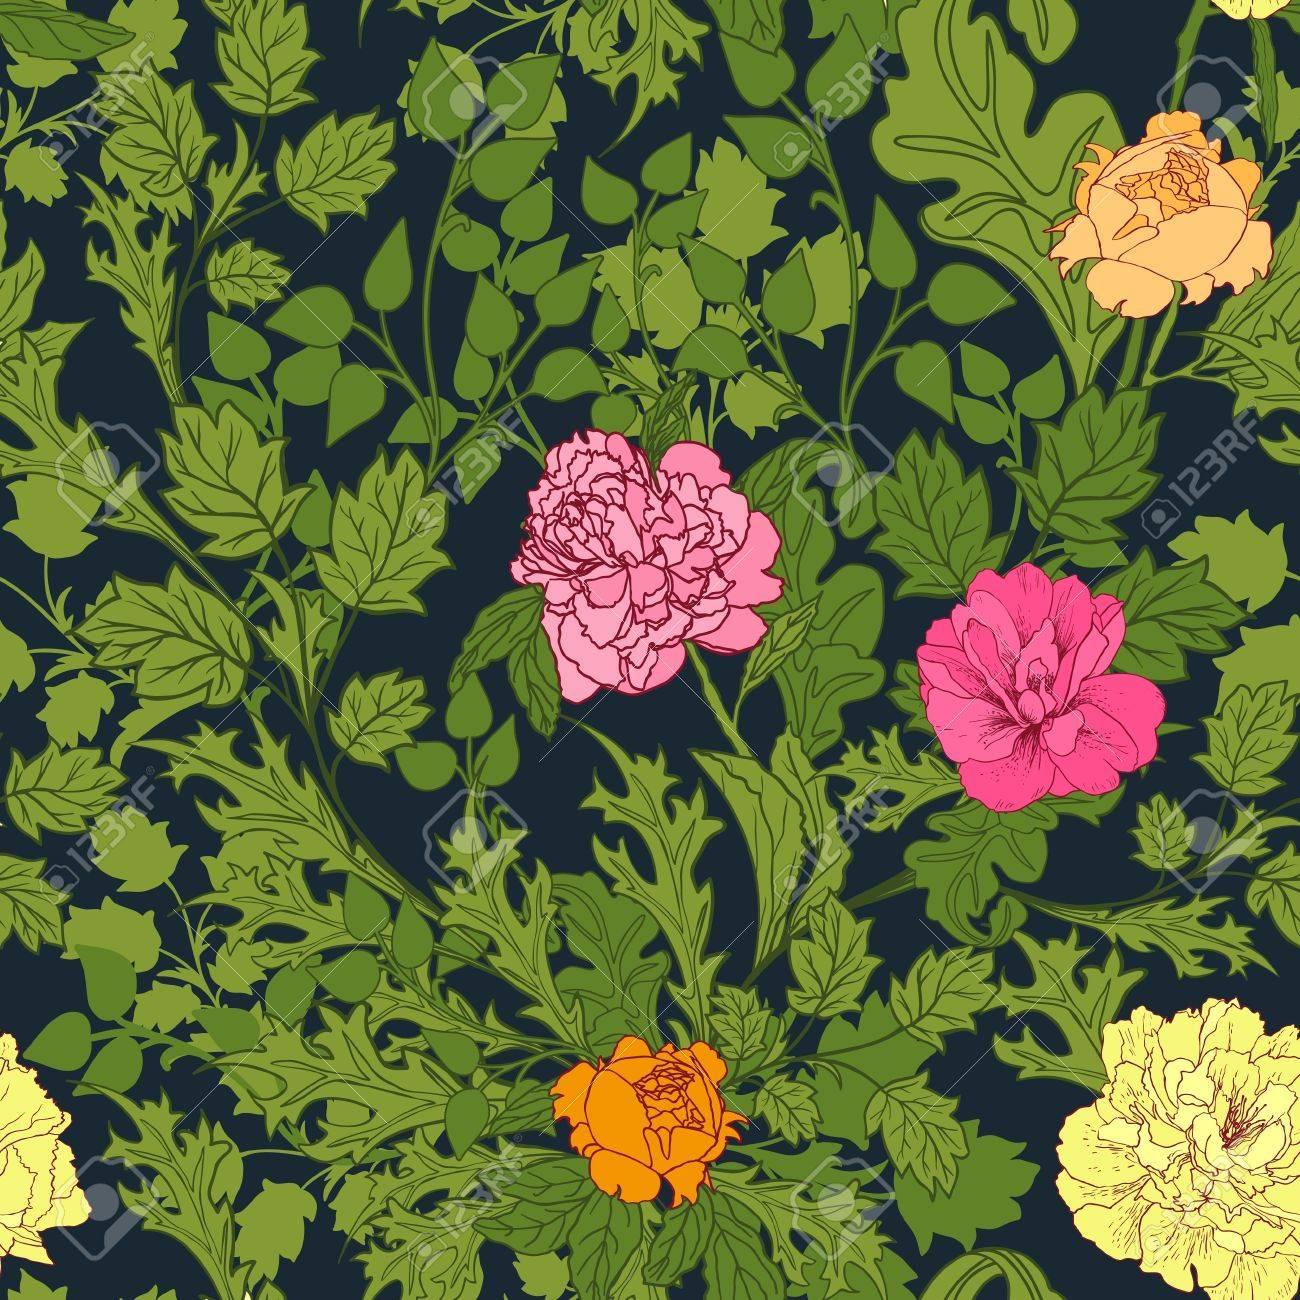 Papier Peint Motif Nature motif nature abstraite avec des fleurs. motif sans fin peut être utilisé  pour le papier peint, des motifs de remplissage, fond de page web textures  de